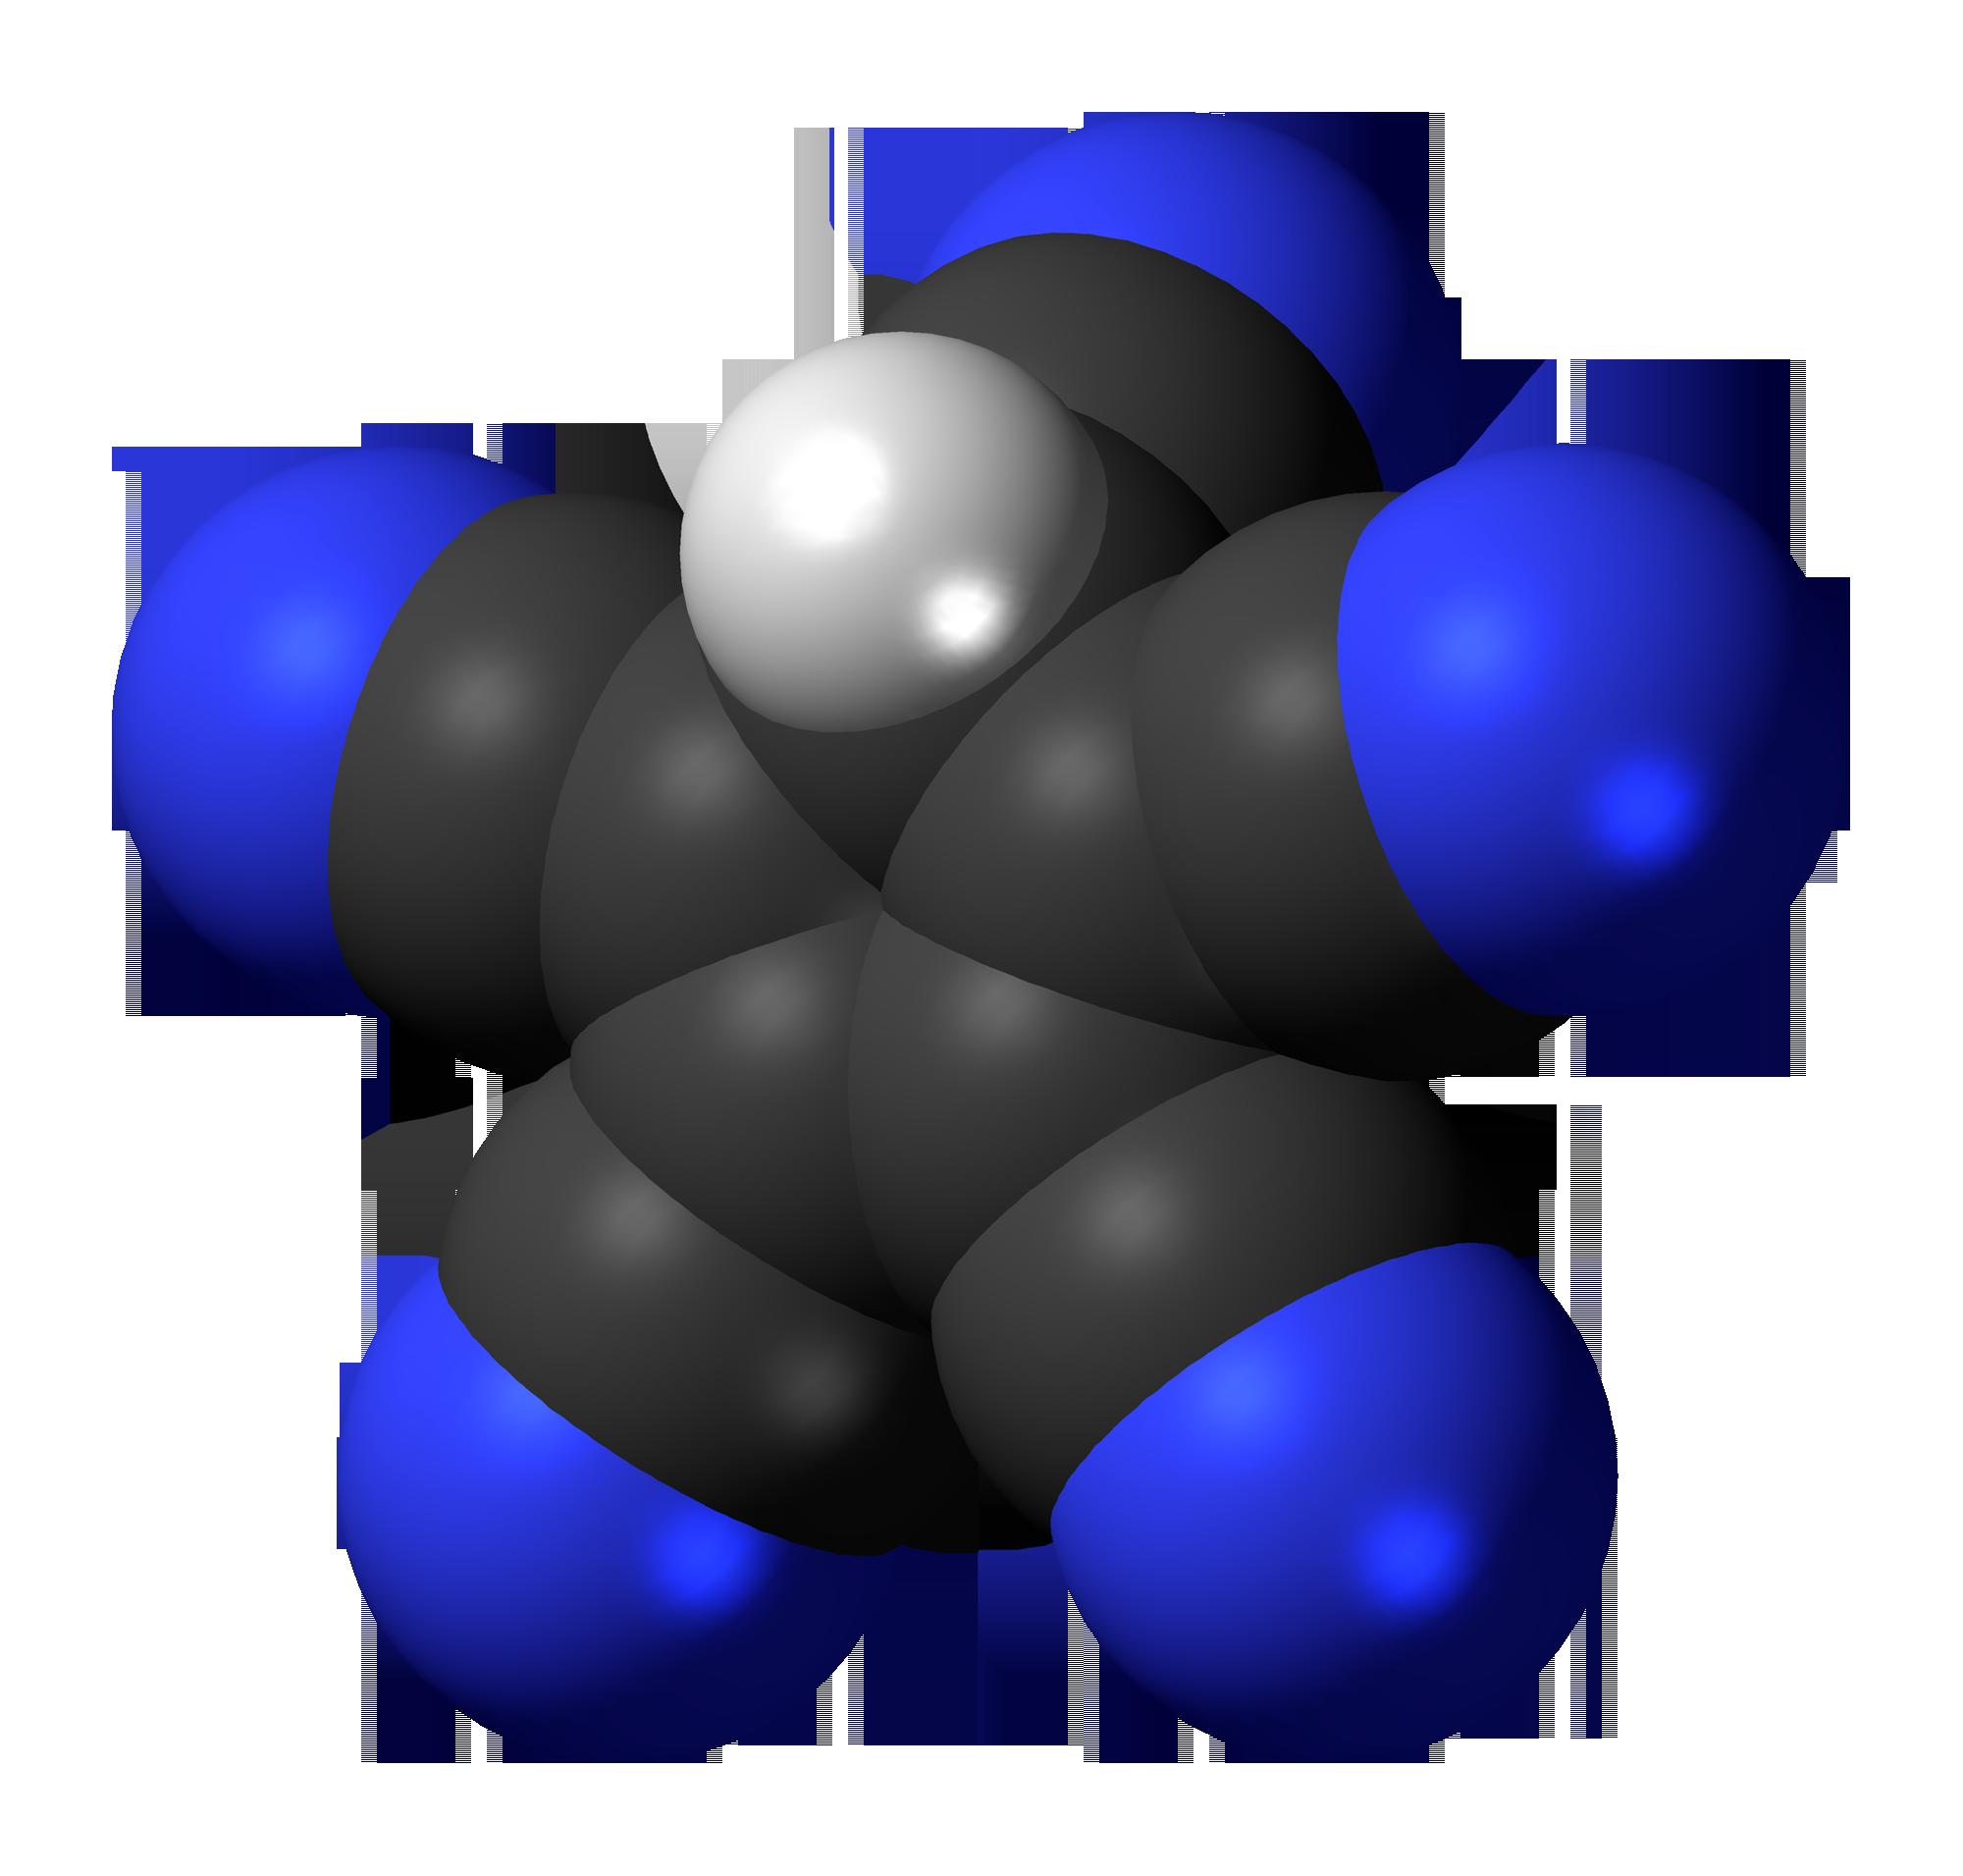 File:Pentacyanocyclopentadiene.